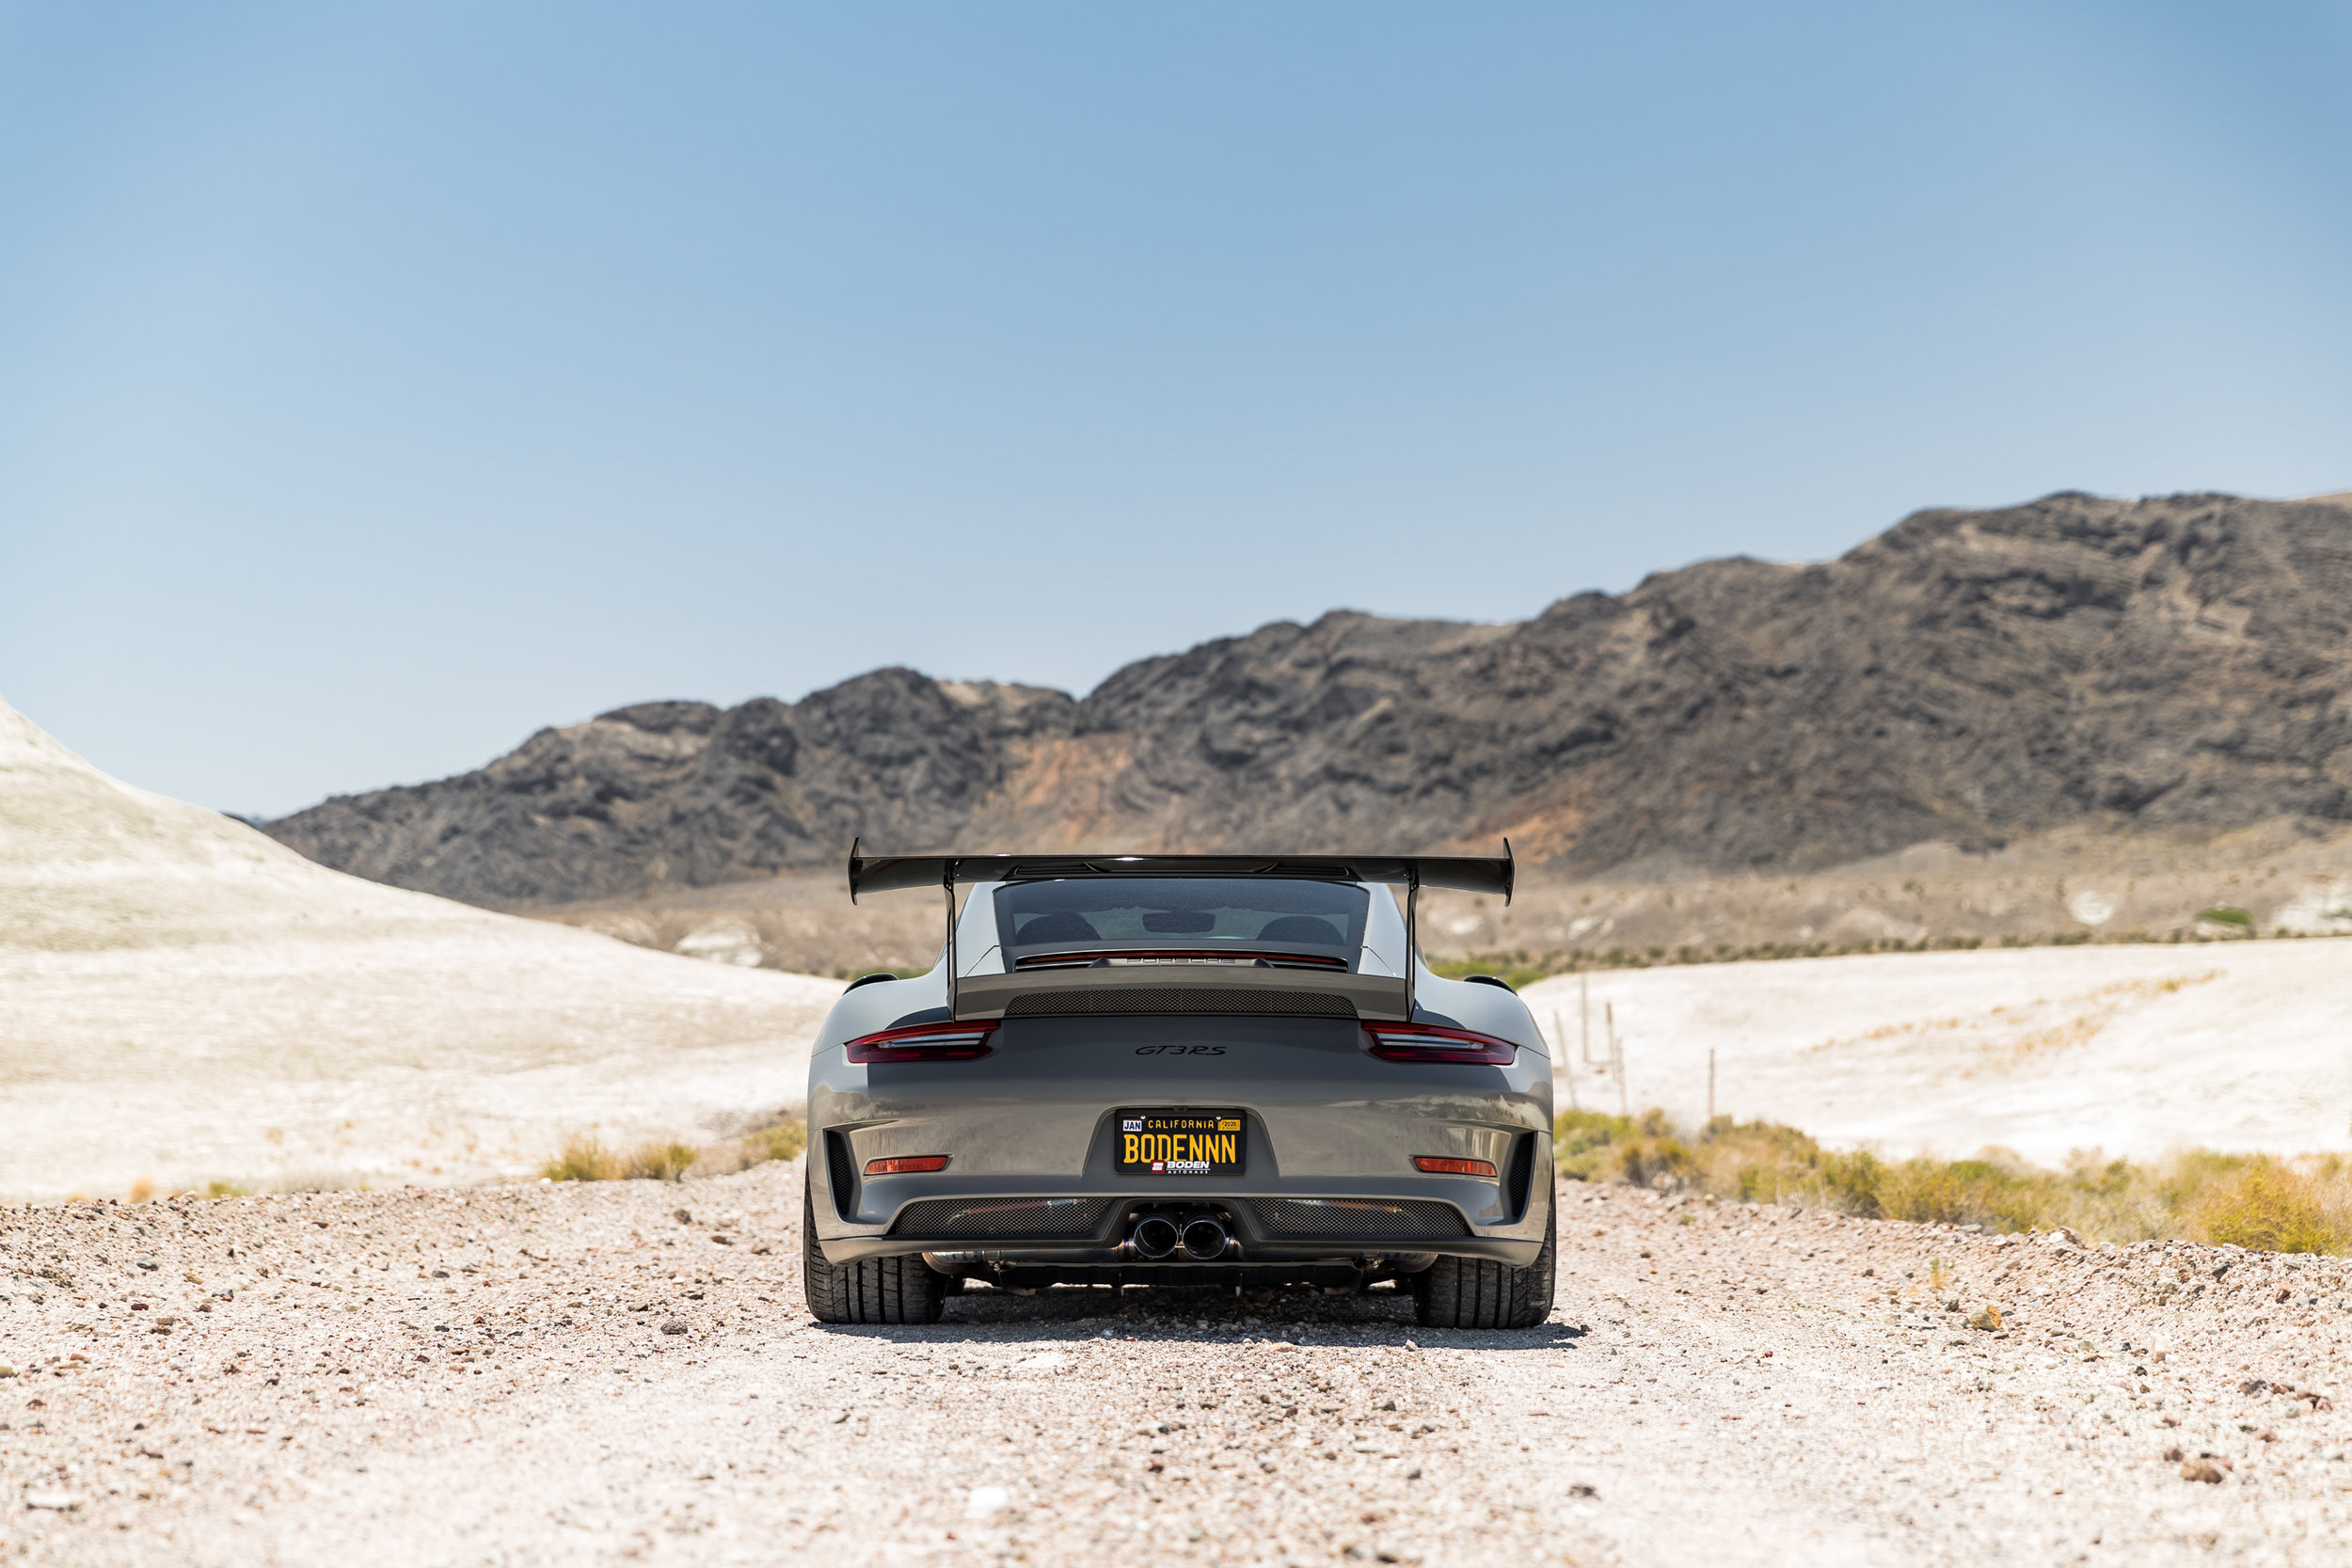 Boden-Autohaus_Porsche-GT3RS_Rotiform-Wheels-2753.jpg